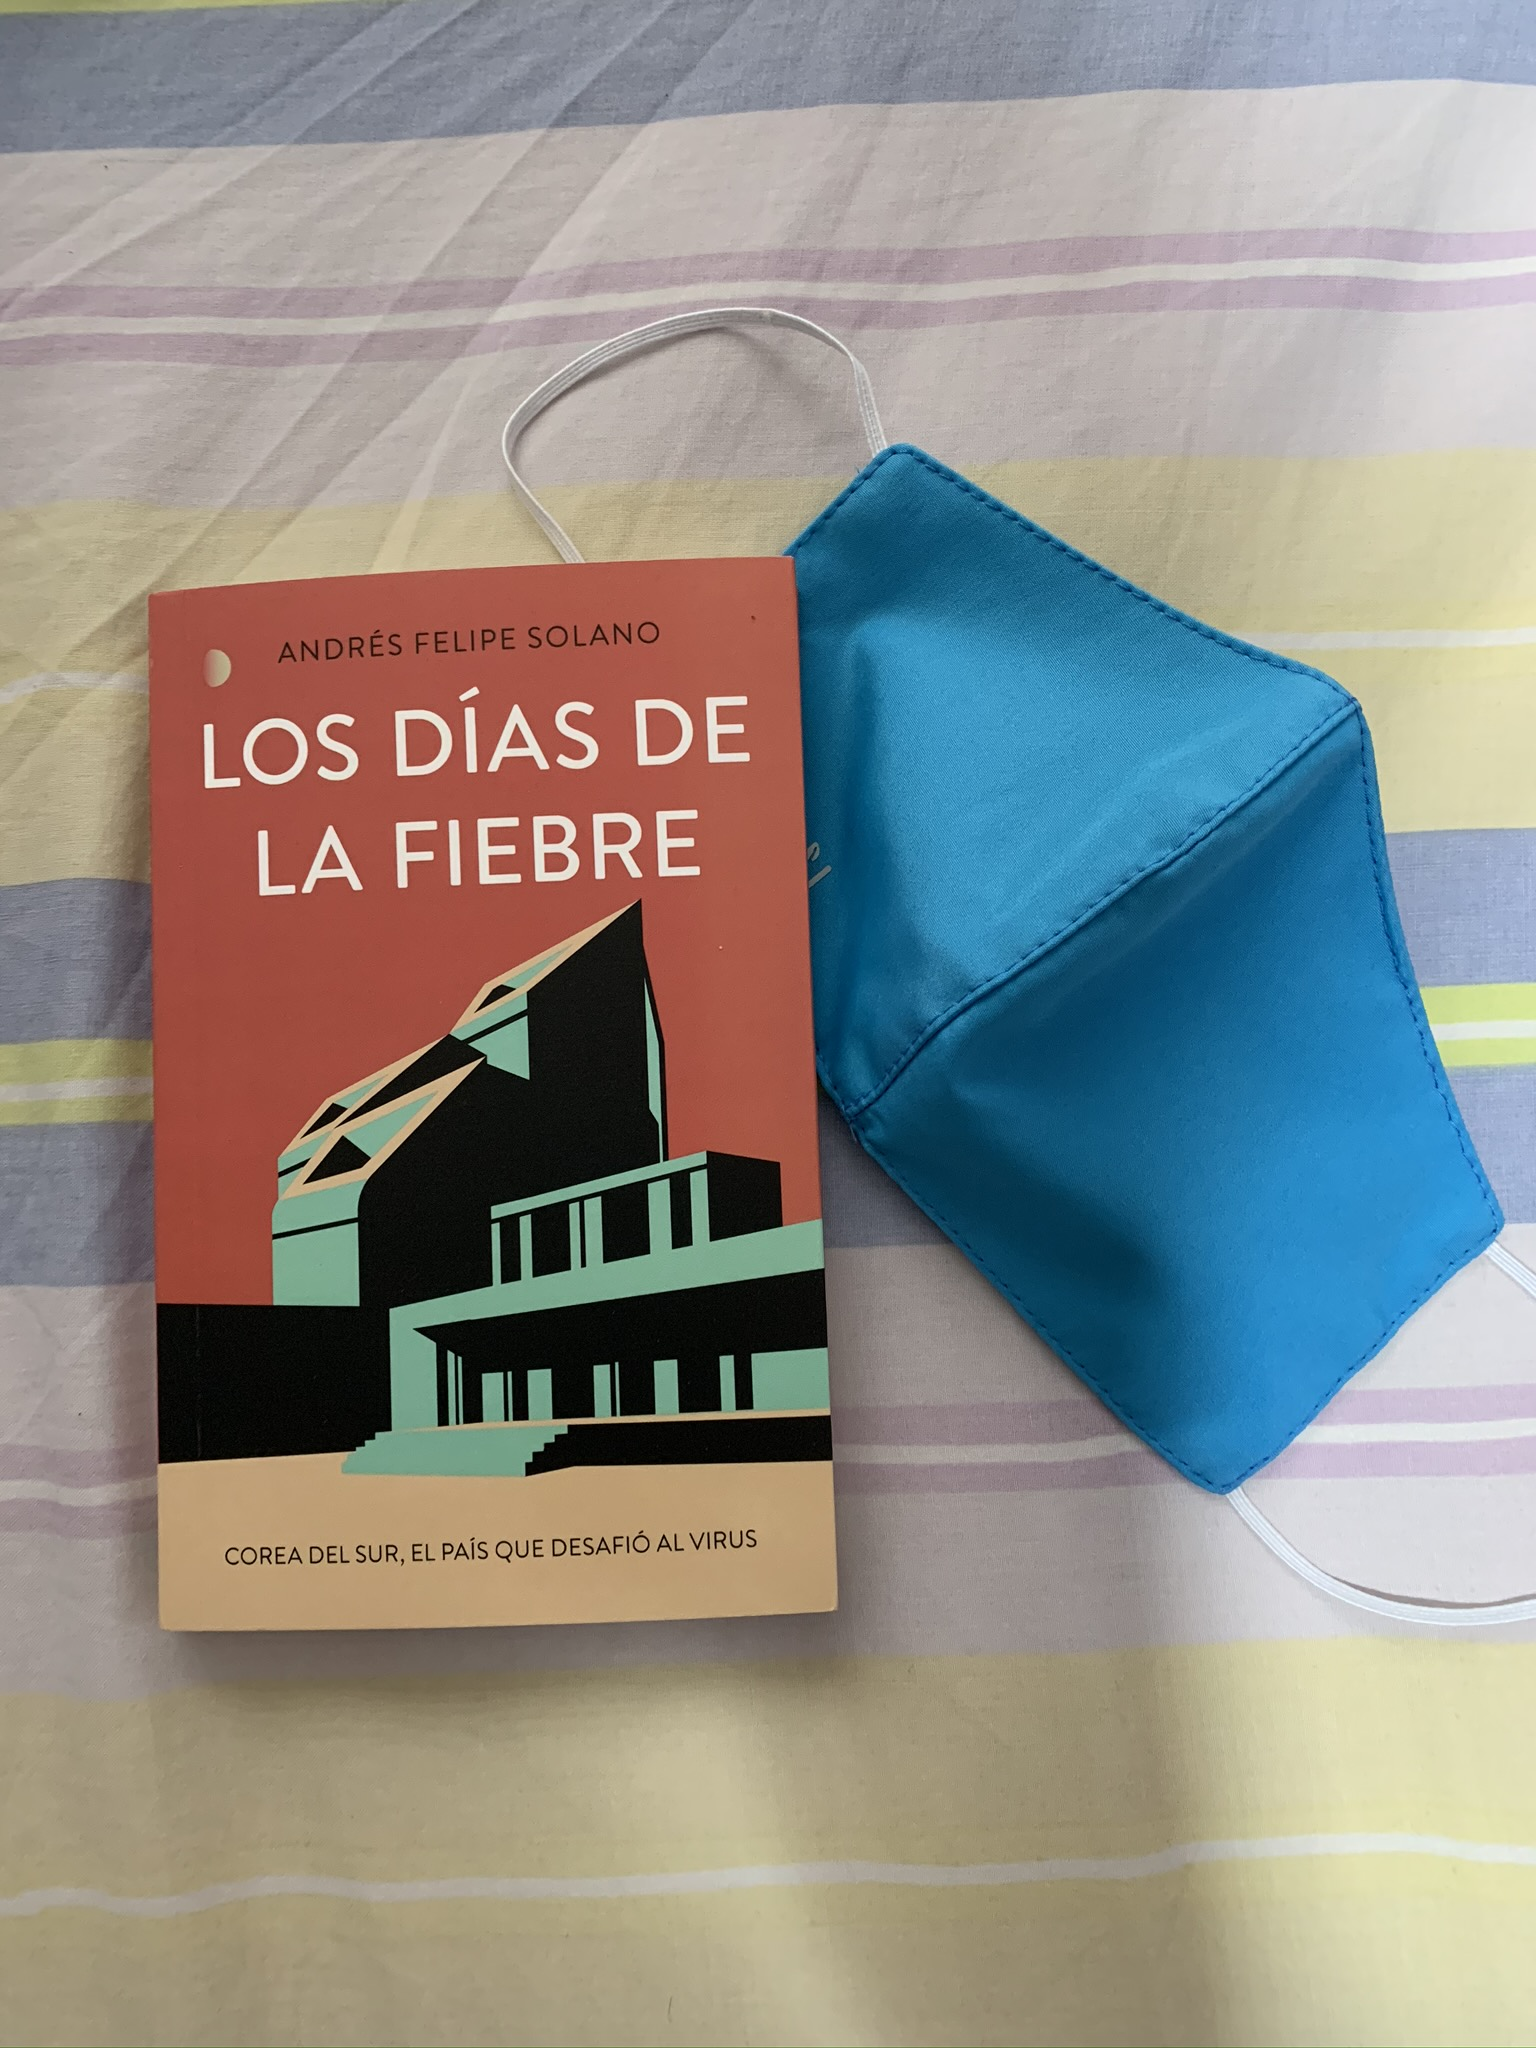 Libro Los días de la fiebre de Andrés Felipe Solano